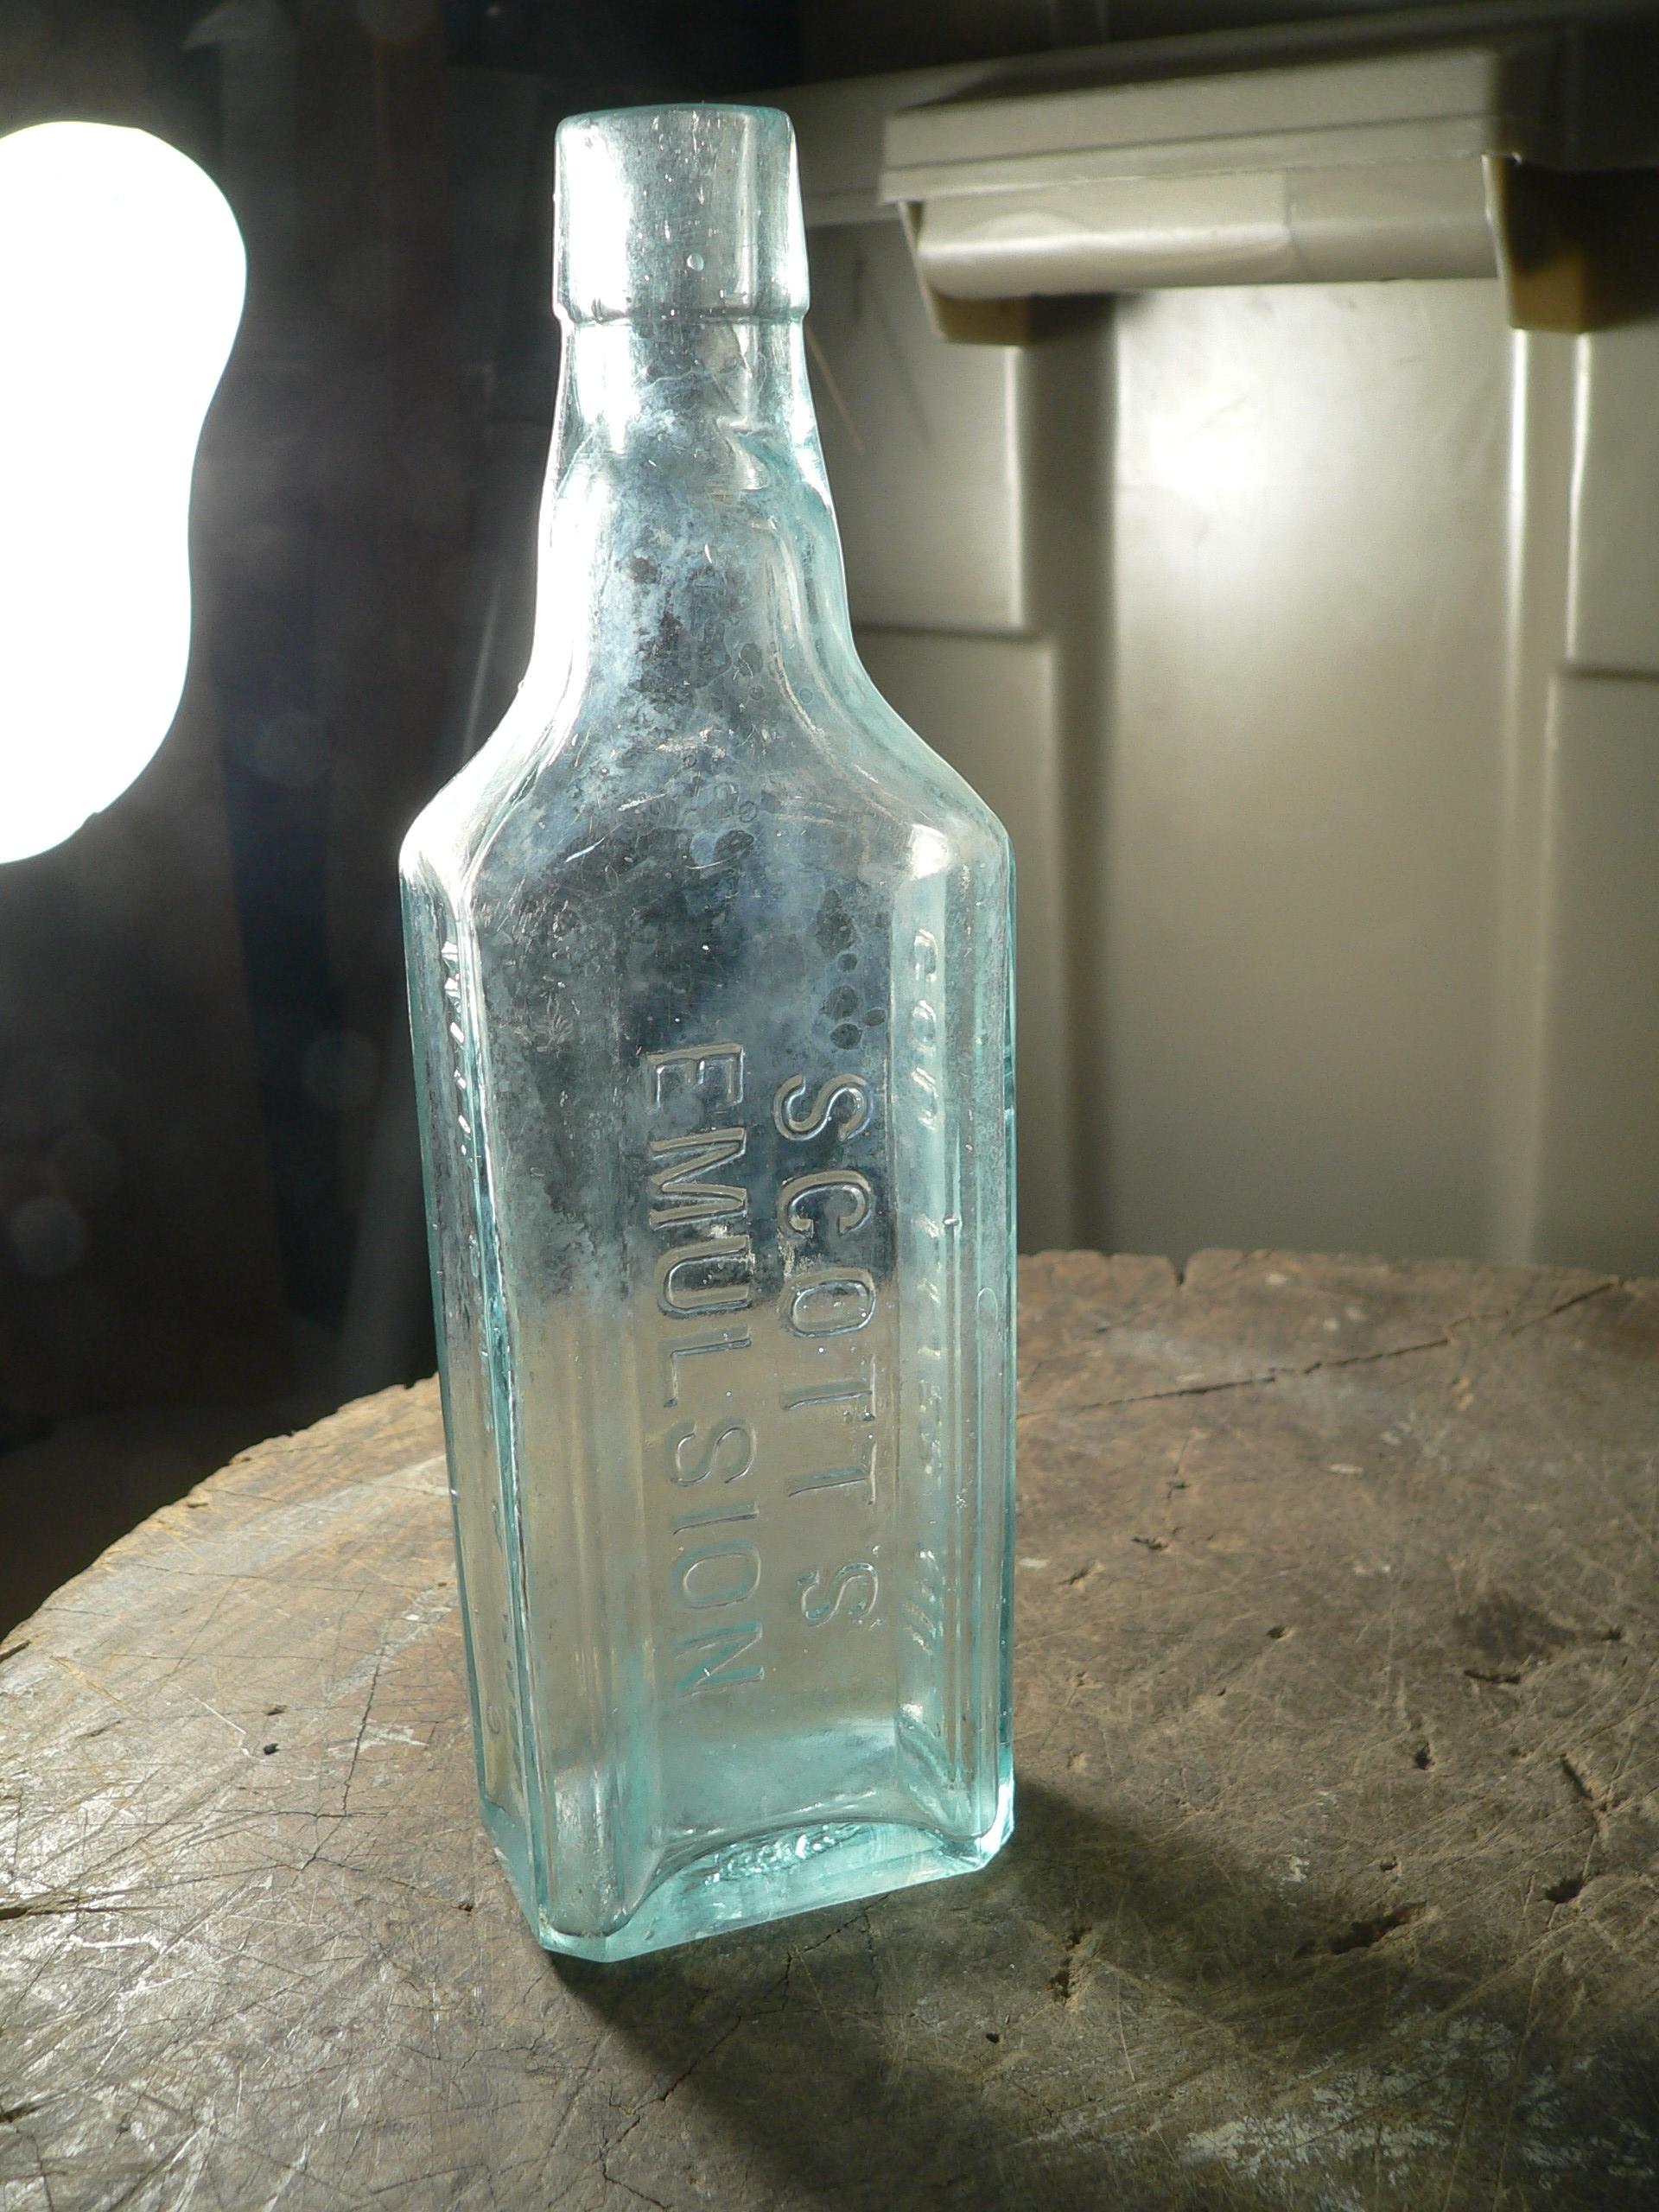 Bouteille antique scott's emulsion # 7816.23